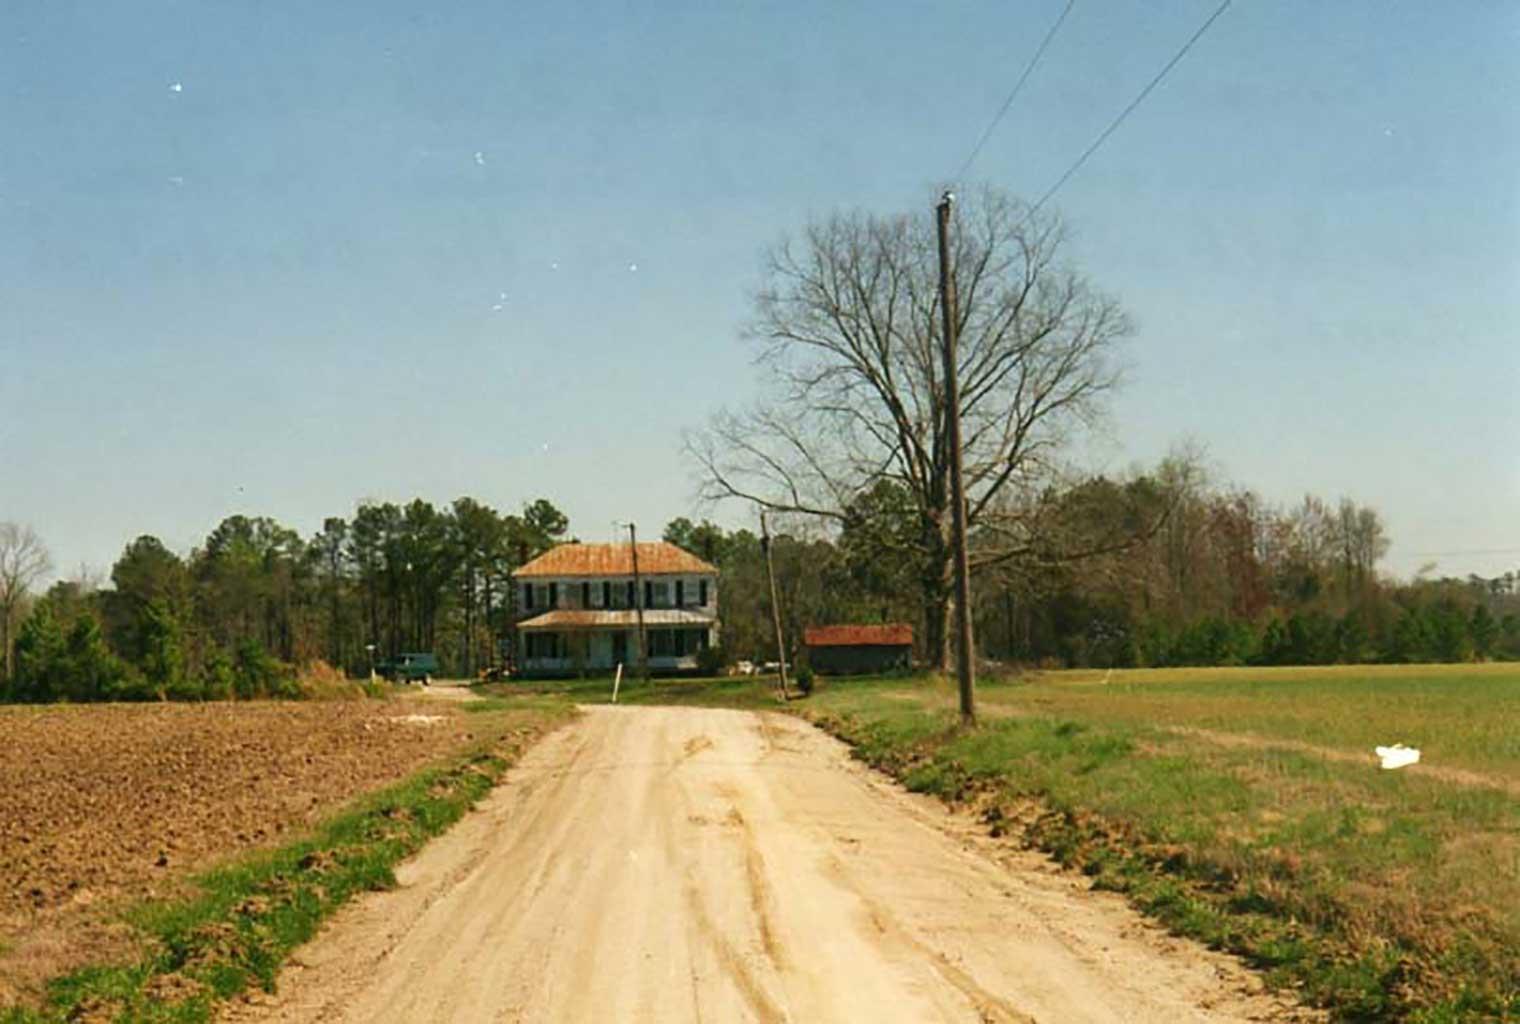 former-house-of-of-louise-brock-adams-1997-img309